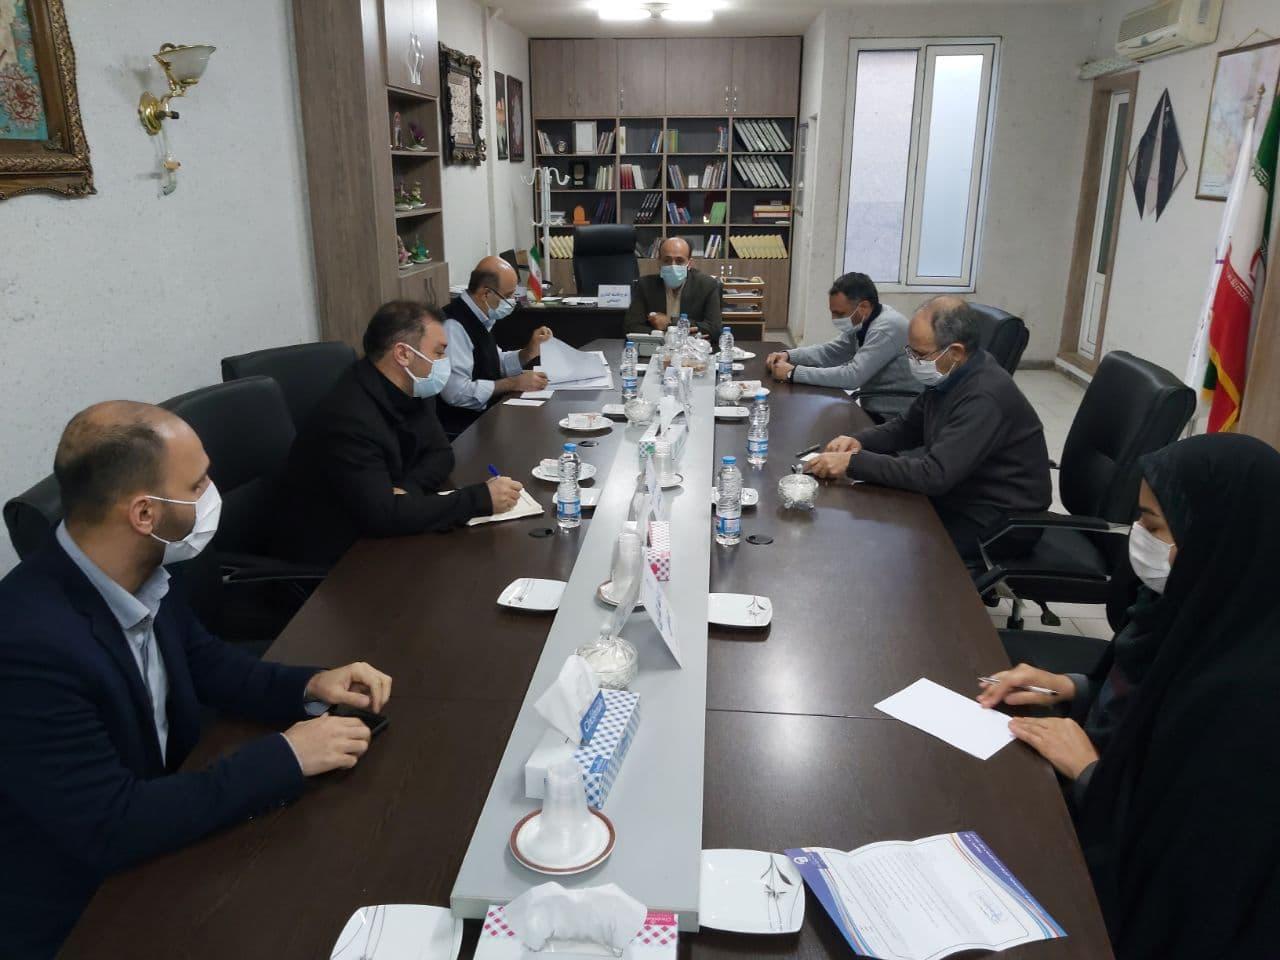 برگزاری اولین جلسه انتخابات ۱۴۰۰ در بخش خاوران